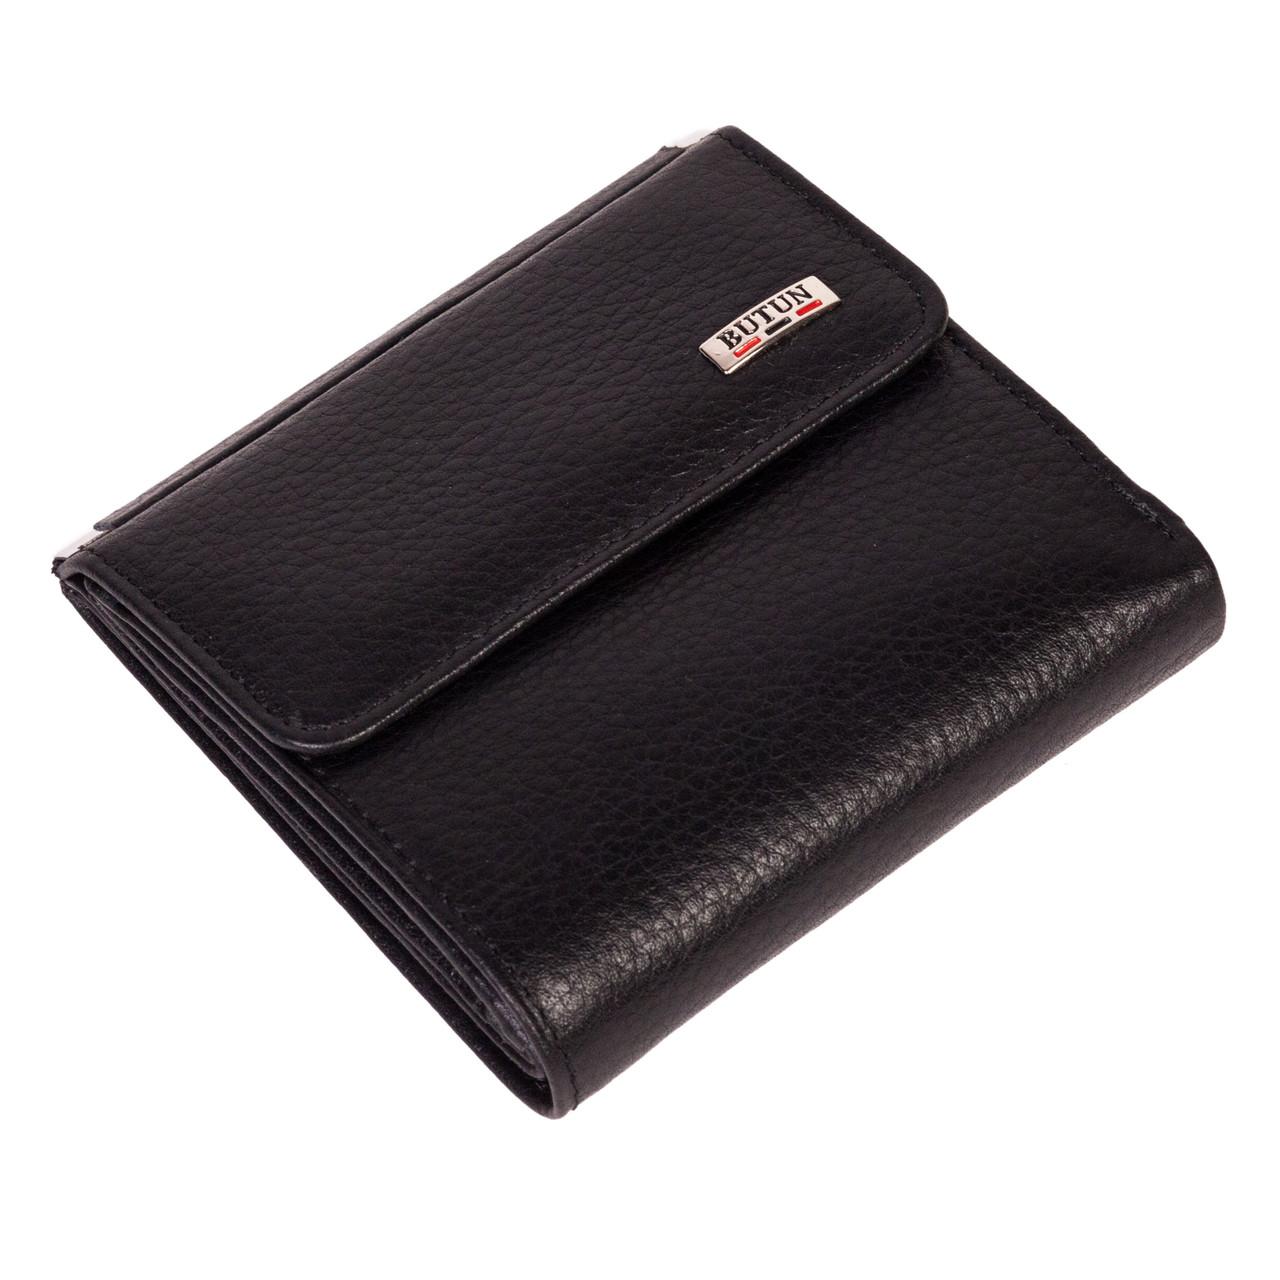 Женский кошелек Butun 590-004-001 кожаный чёрный